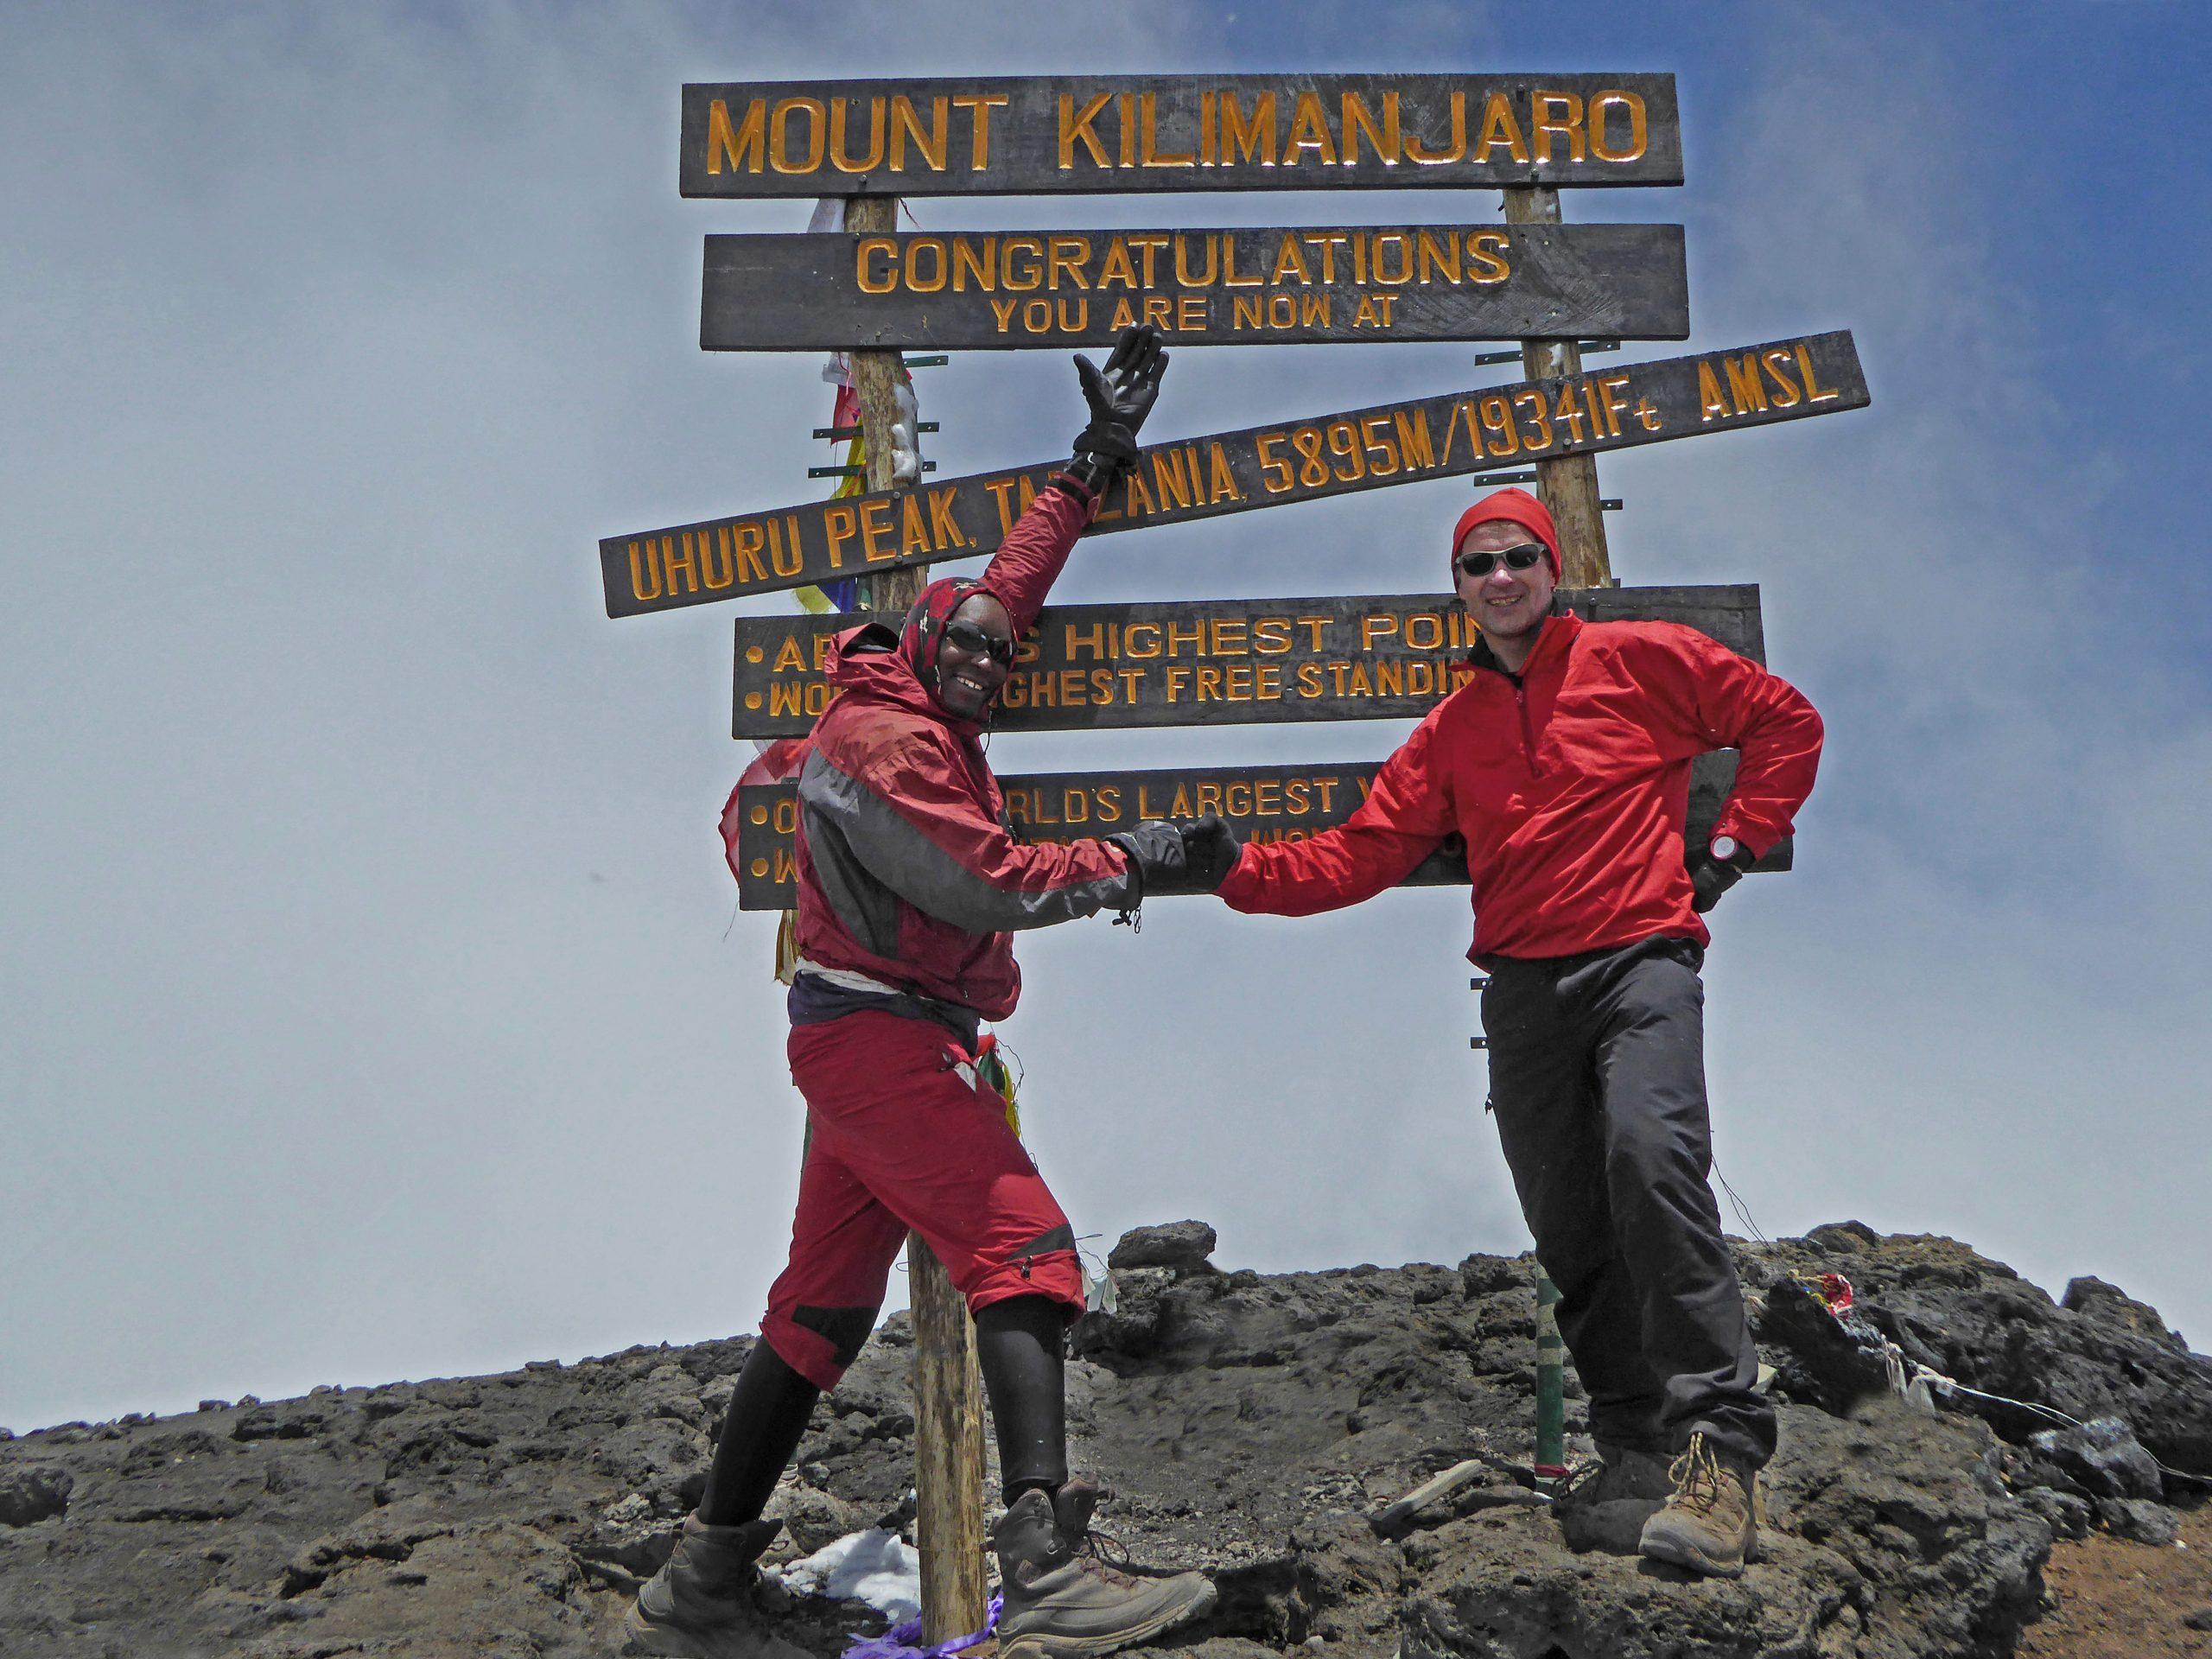 Radreise Afrika 2014 - Kilimanjaro - Uhuru-Peak (5.895m)